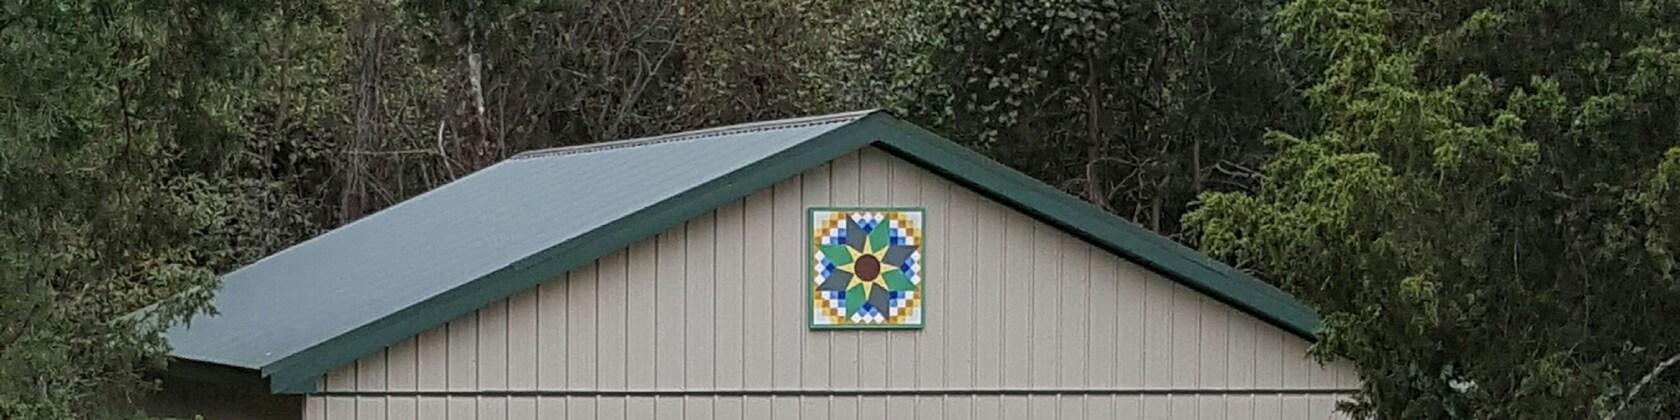 Barn quilts custom designs attention to detail von PYsBarnQuilts